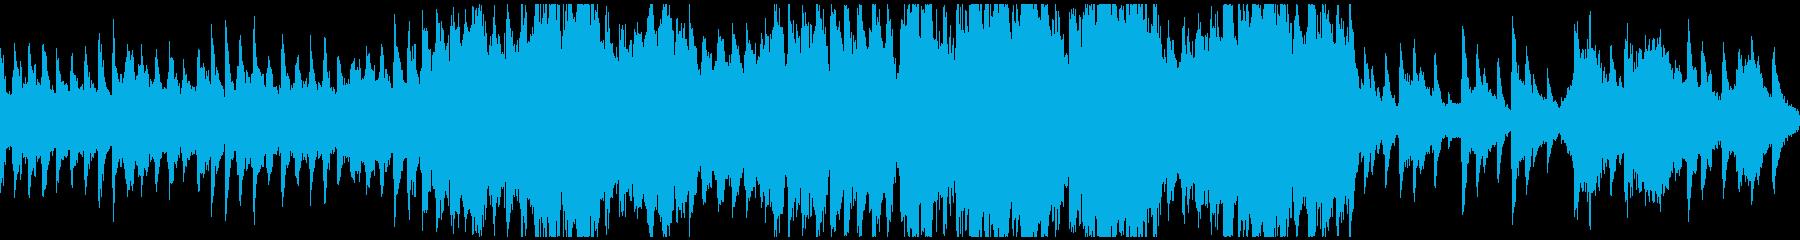 バイオリン/神秘/森【ドラム無Ver】✨の再生済みの波形